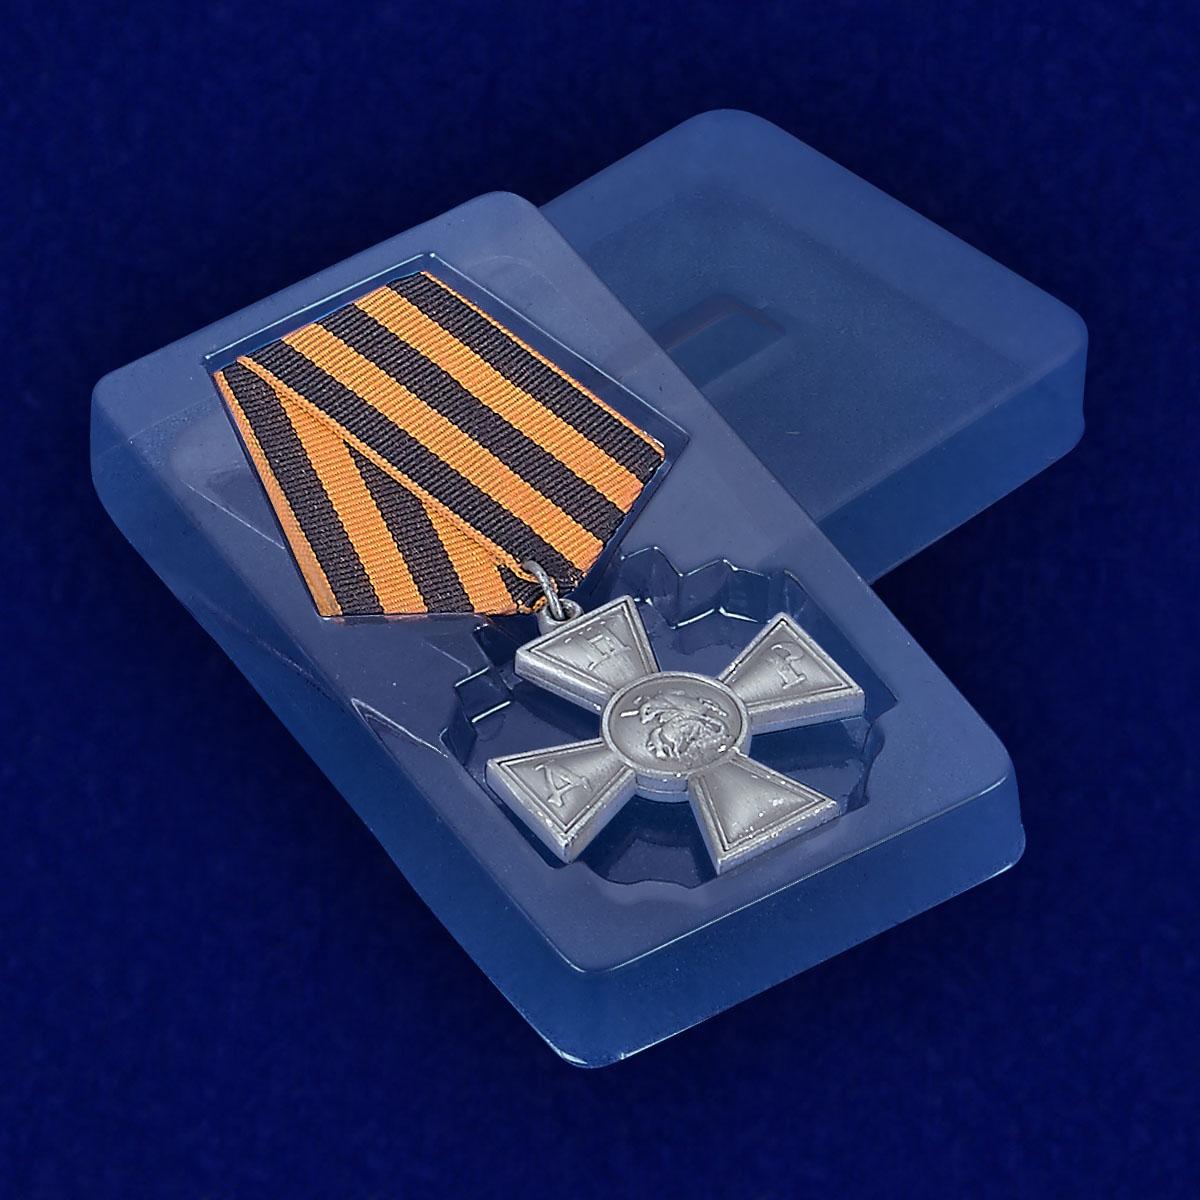 Георгиевский крест ДНР - вид в футляре